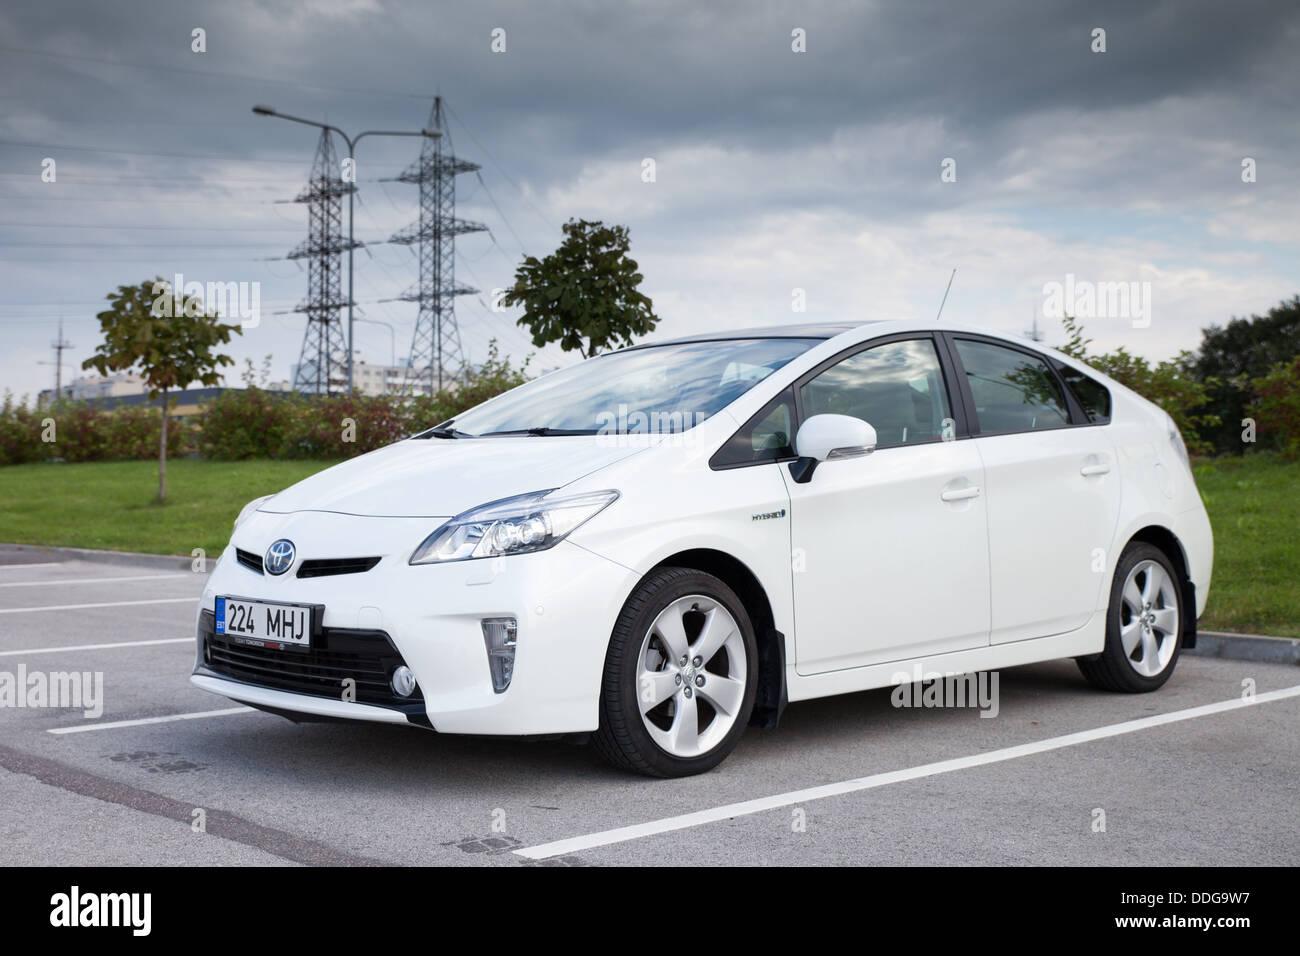 Voiture hybride Toyota Prius - année modèle 2012. Toyota est l'un des principaux fabricants de la Photo Stock